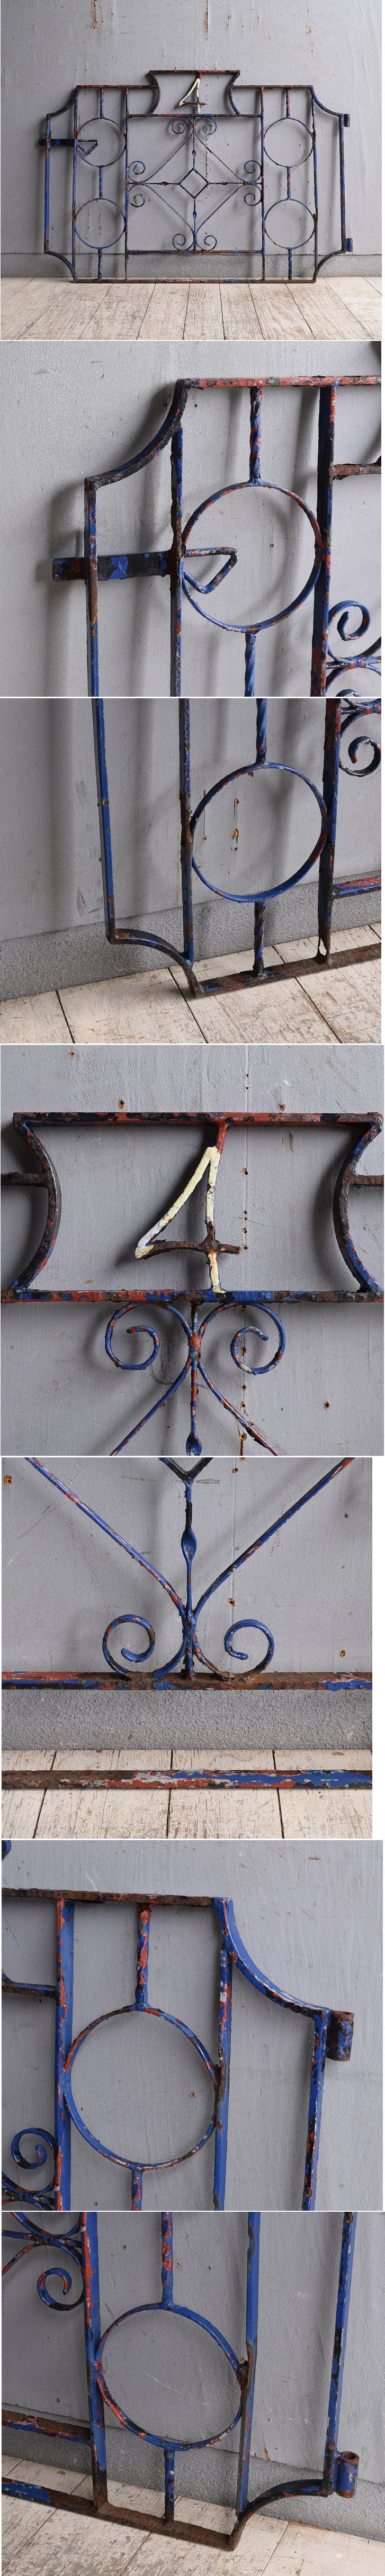 イギリスアンティーク アイアンフェンス ゲート柵 ガーデニング 10186